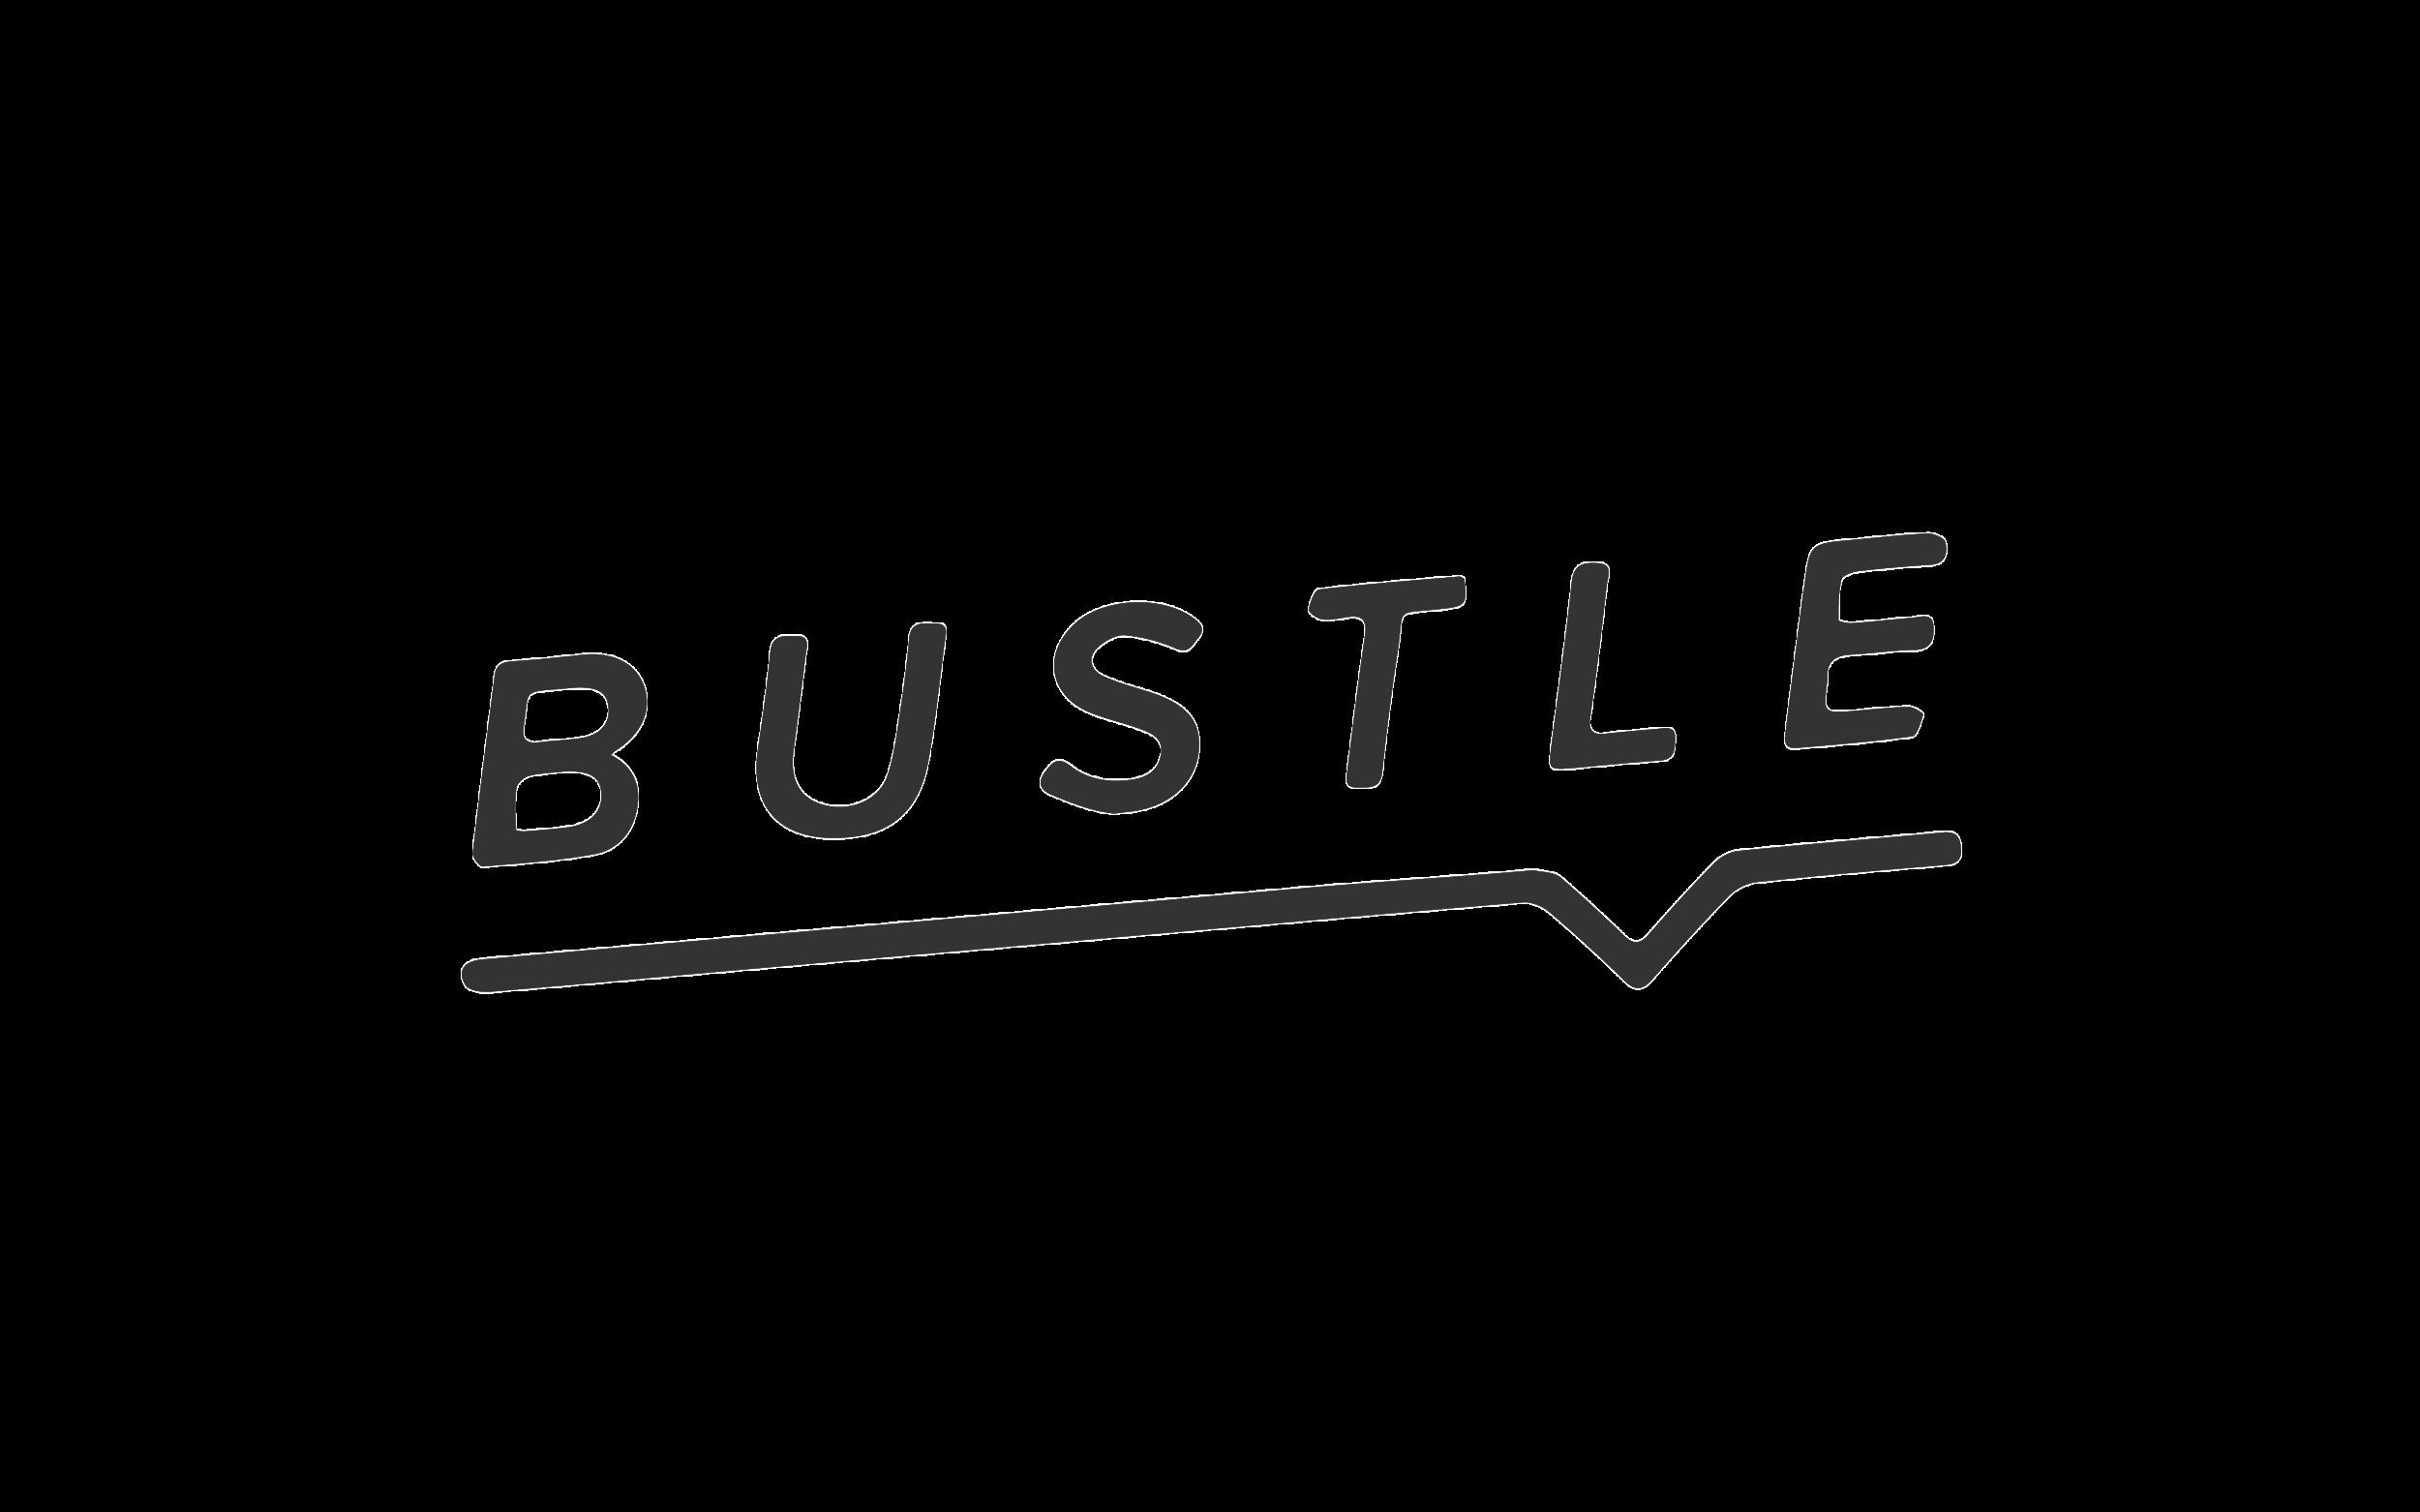 bustle-press-logo.png